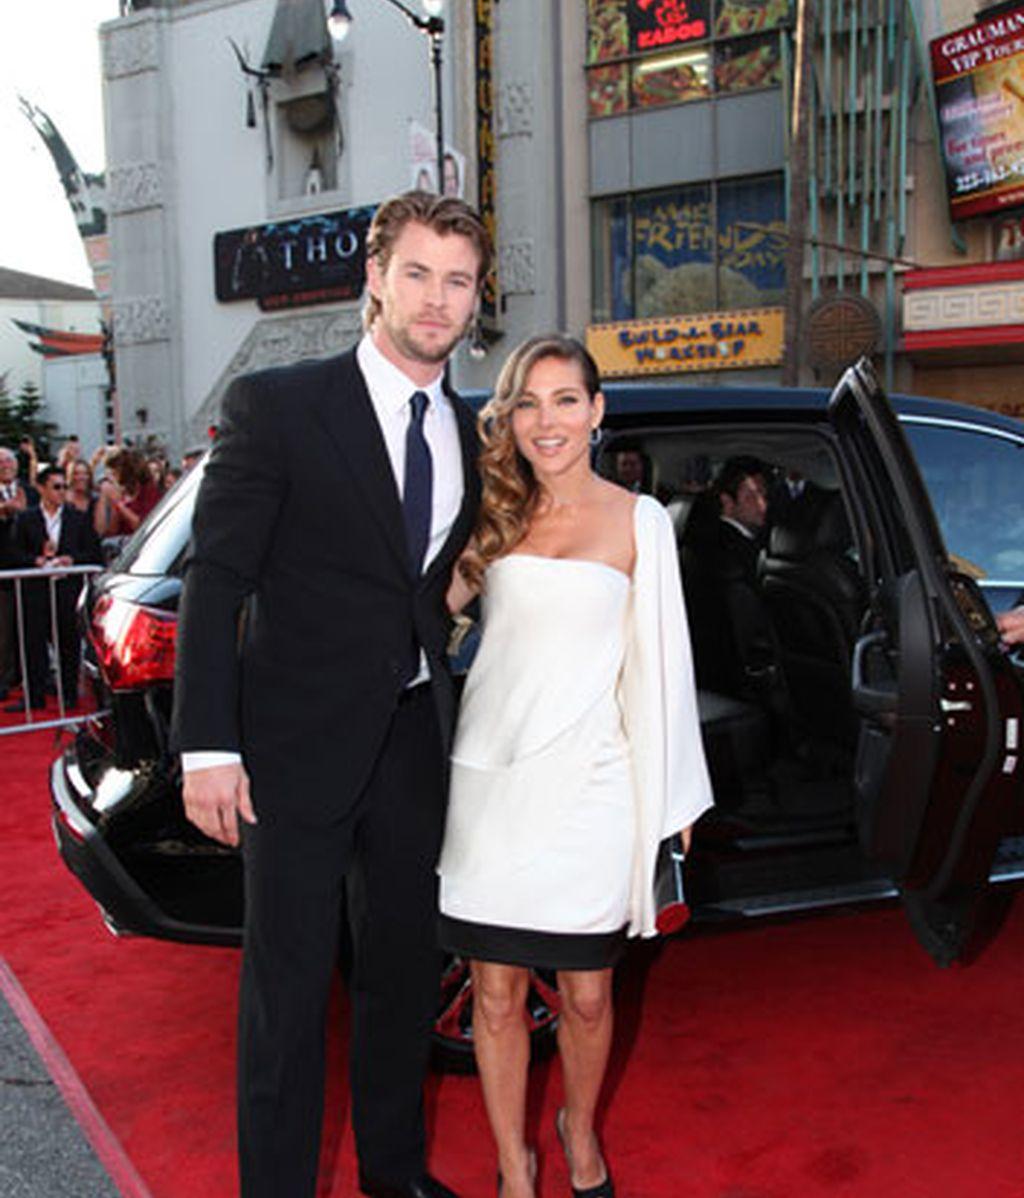 Elsa Pataky arropa a su marido en la premiere de Thor